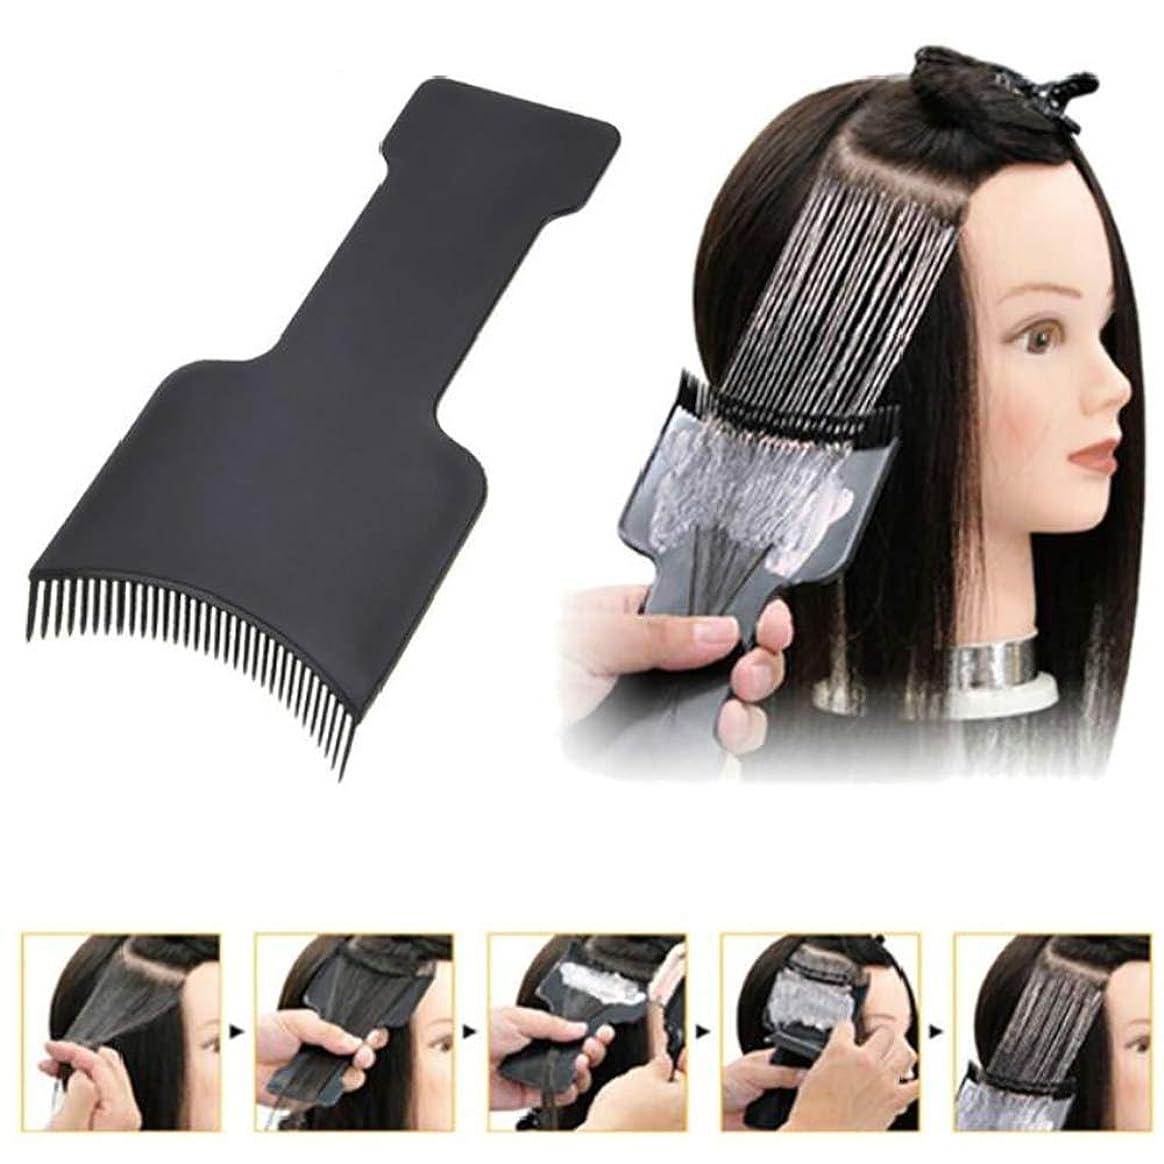 提供する競争無知プロのファッション理髪ヘアアプリケータブラシ調剤サロンヘアカラーリング染色ピックカラーボードヘアスタイリングツール (M,ブラック)